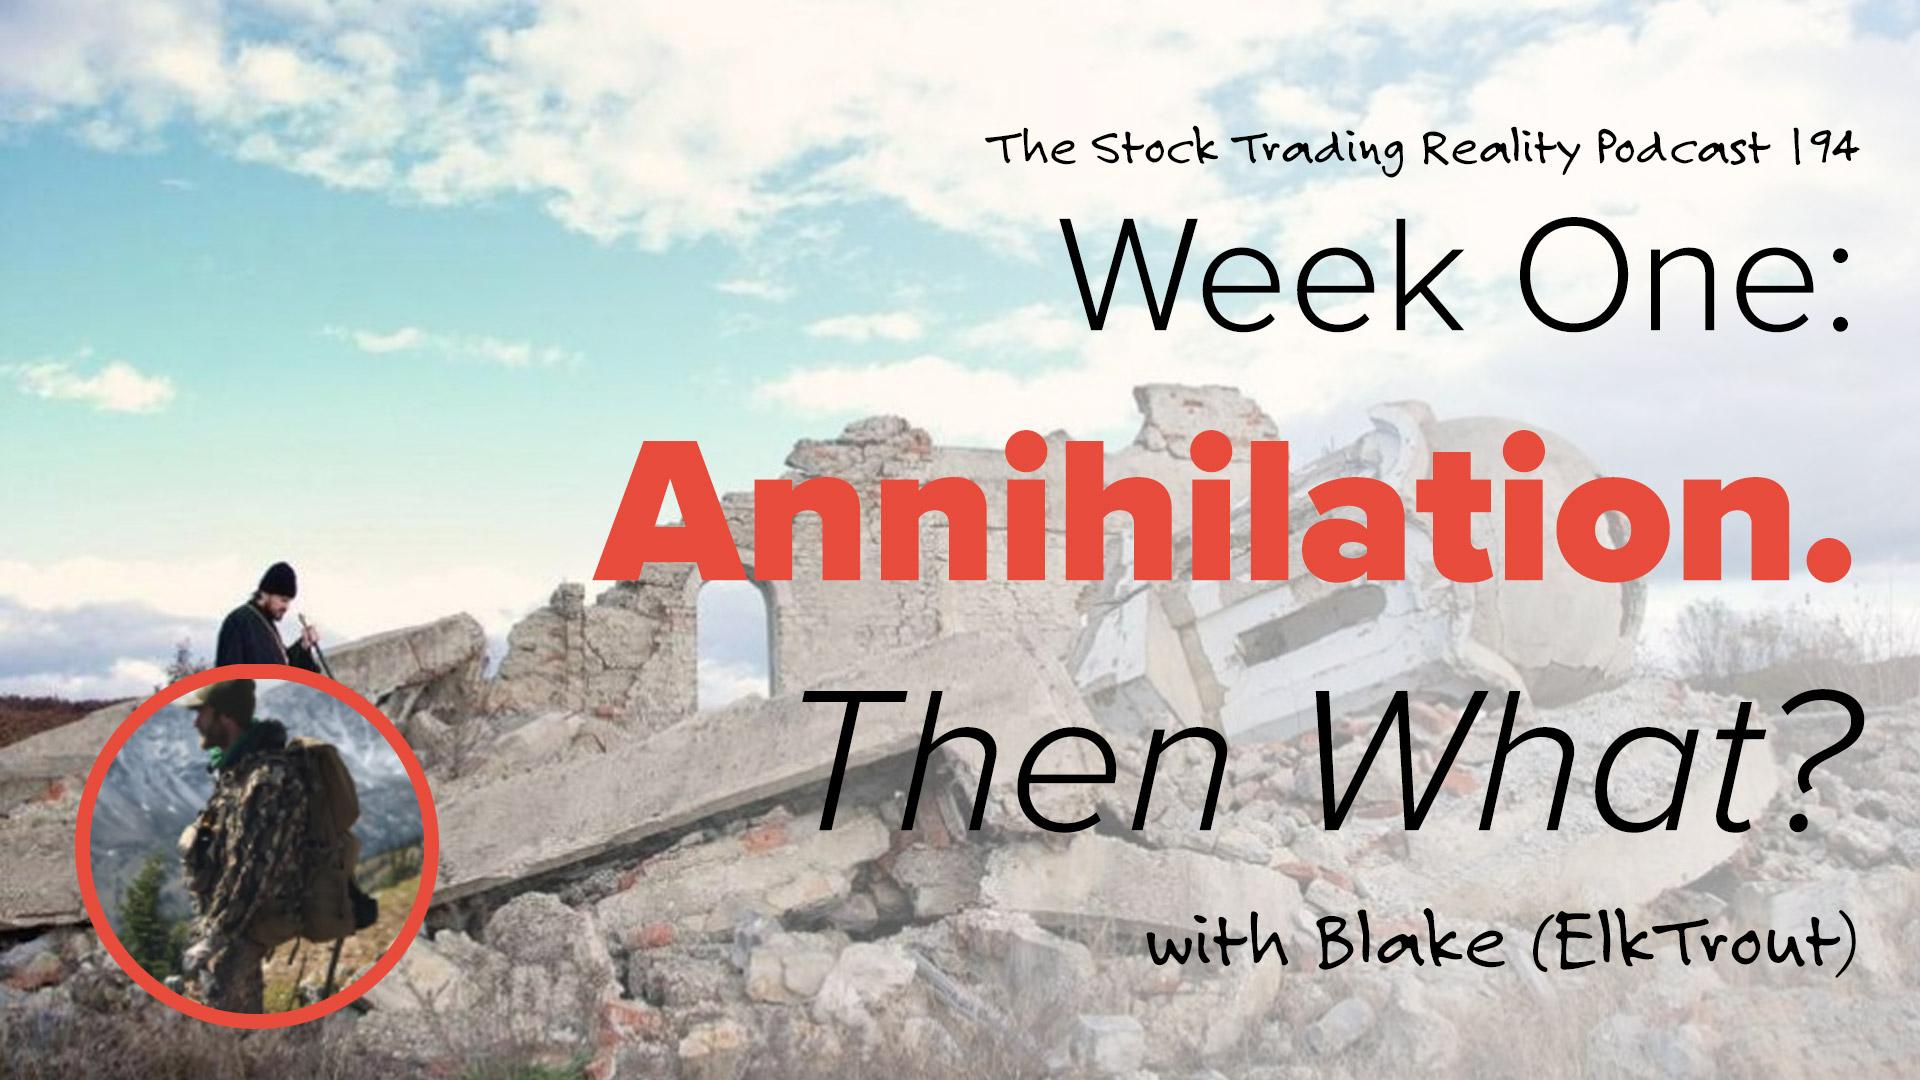 STR 194: Week One: Annihilation. Then What?